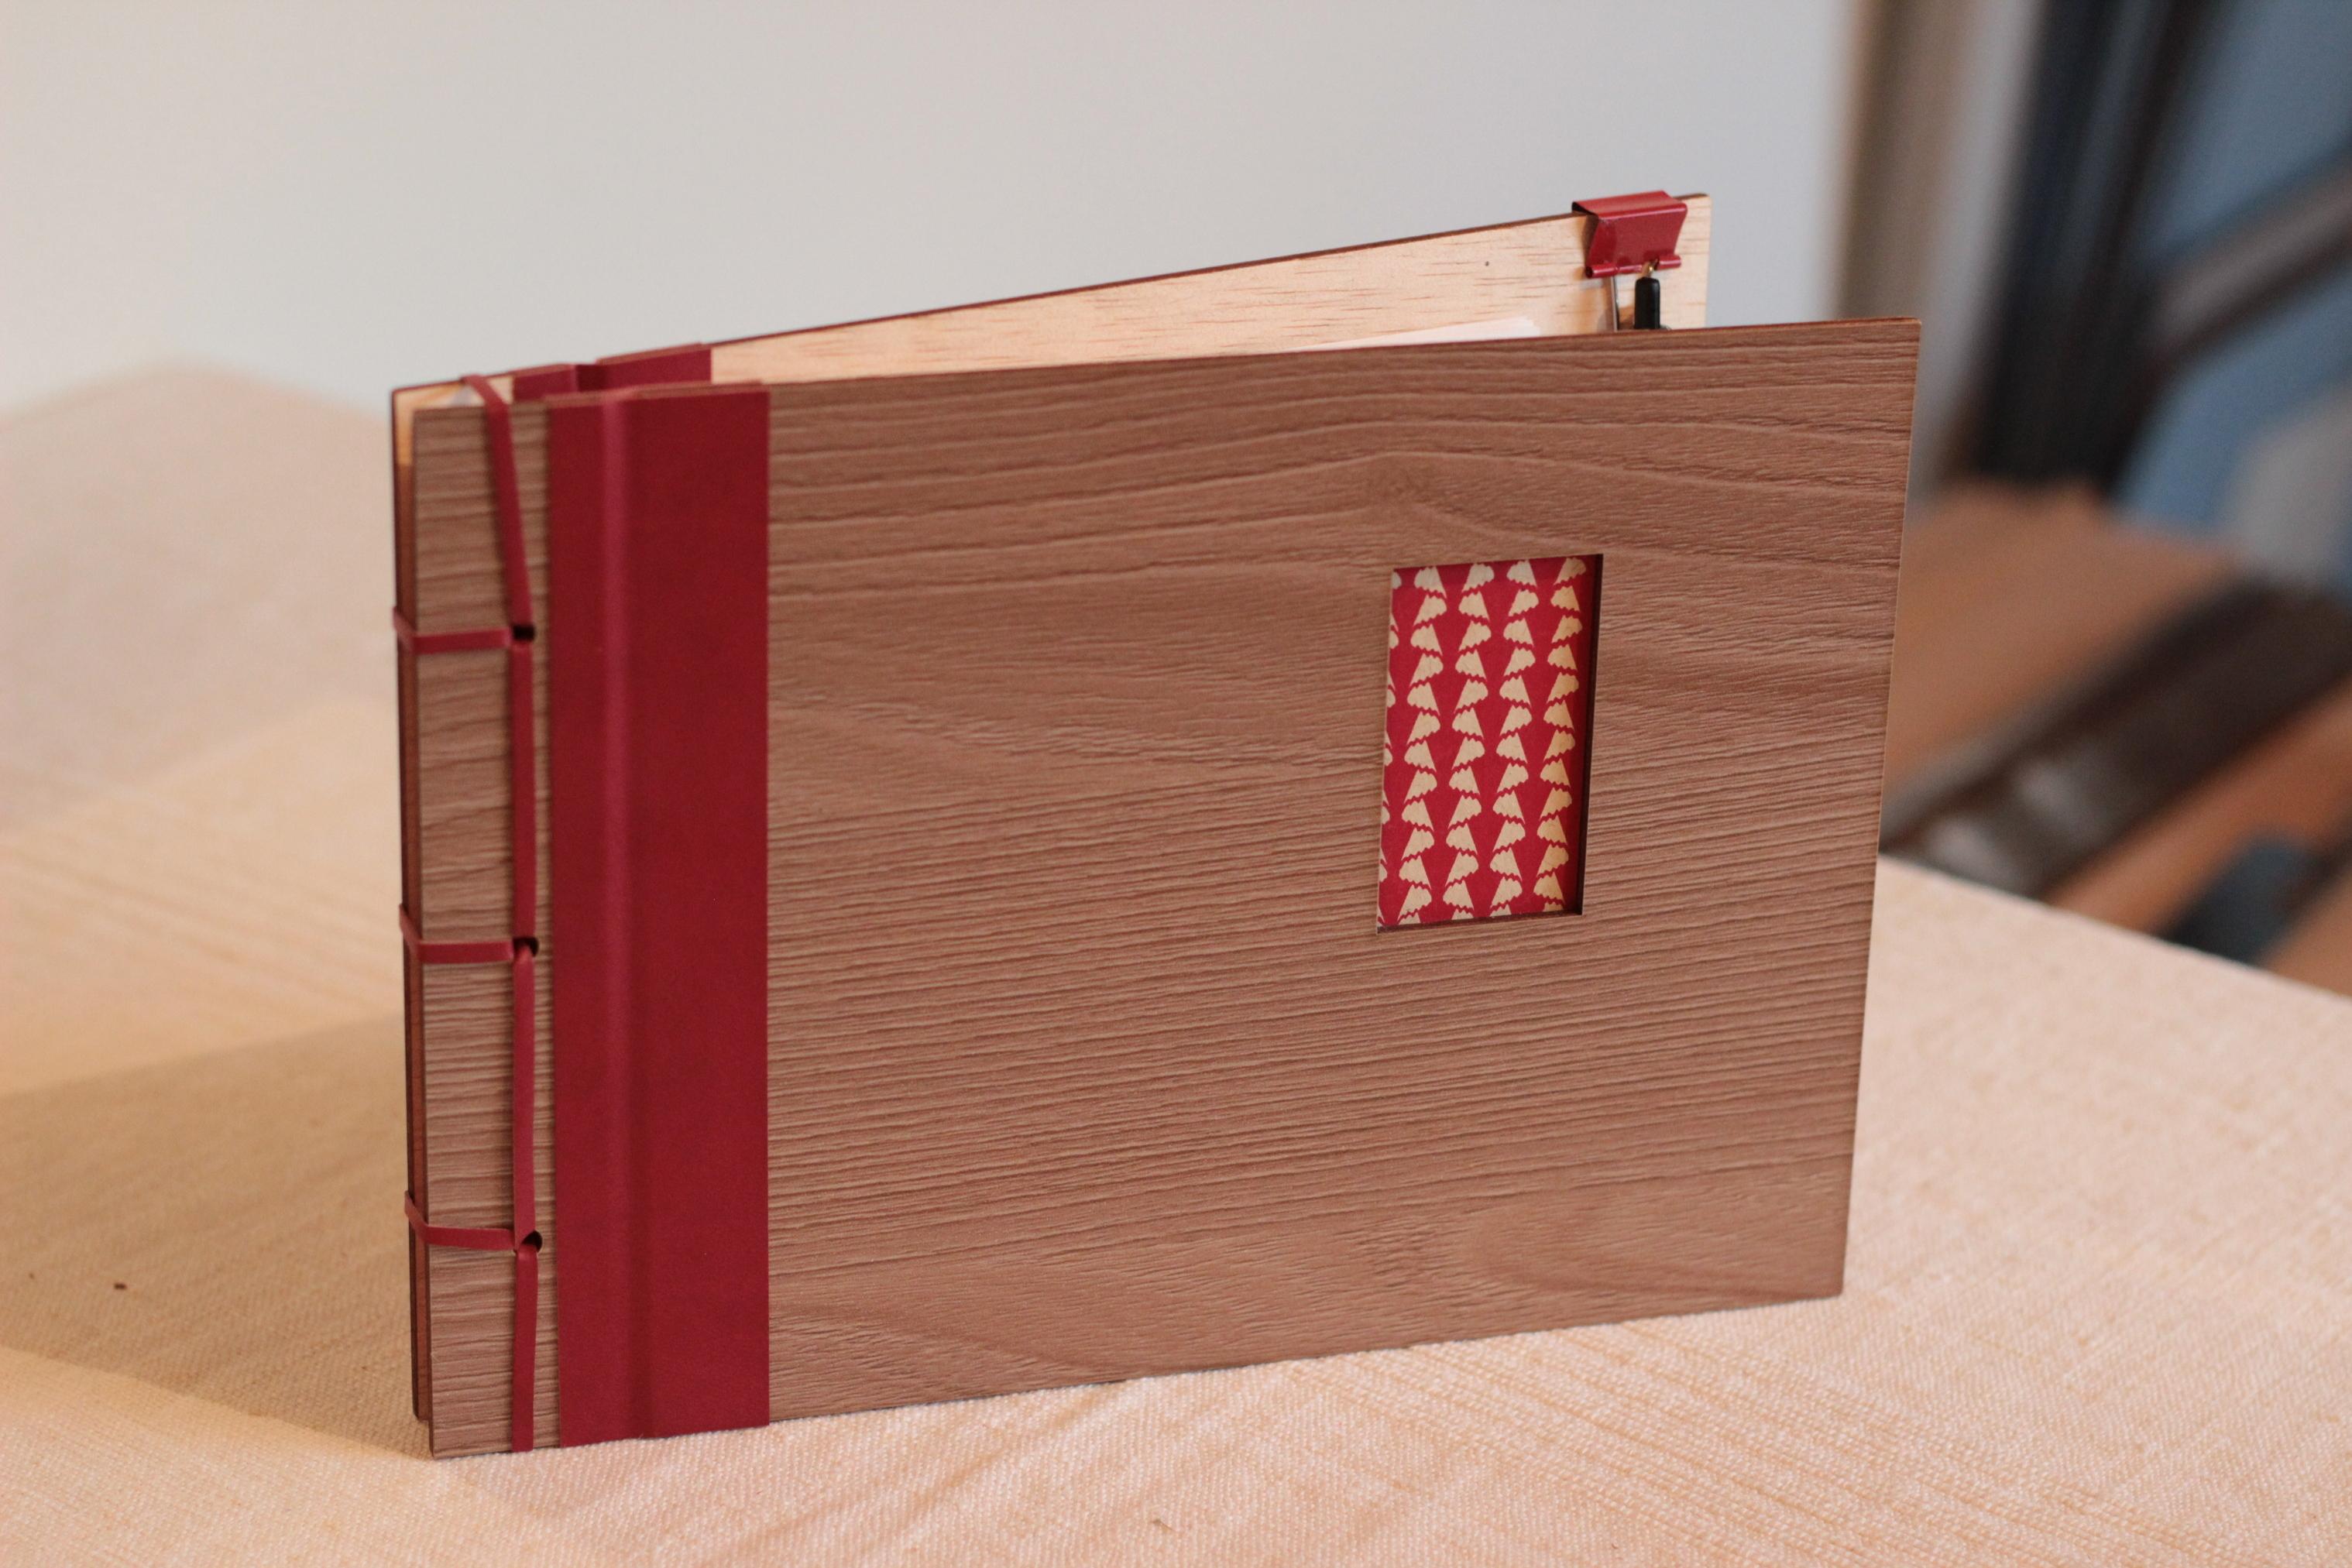 Galerie d'image - L'établi du livre